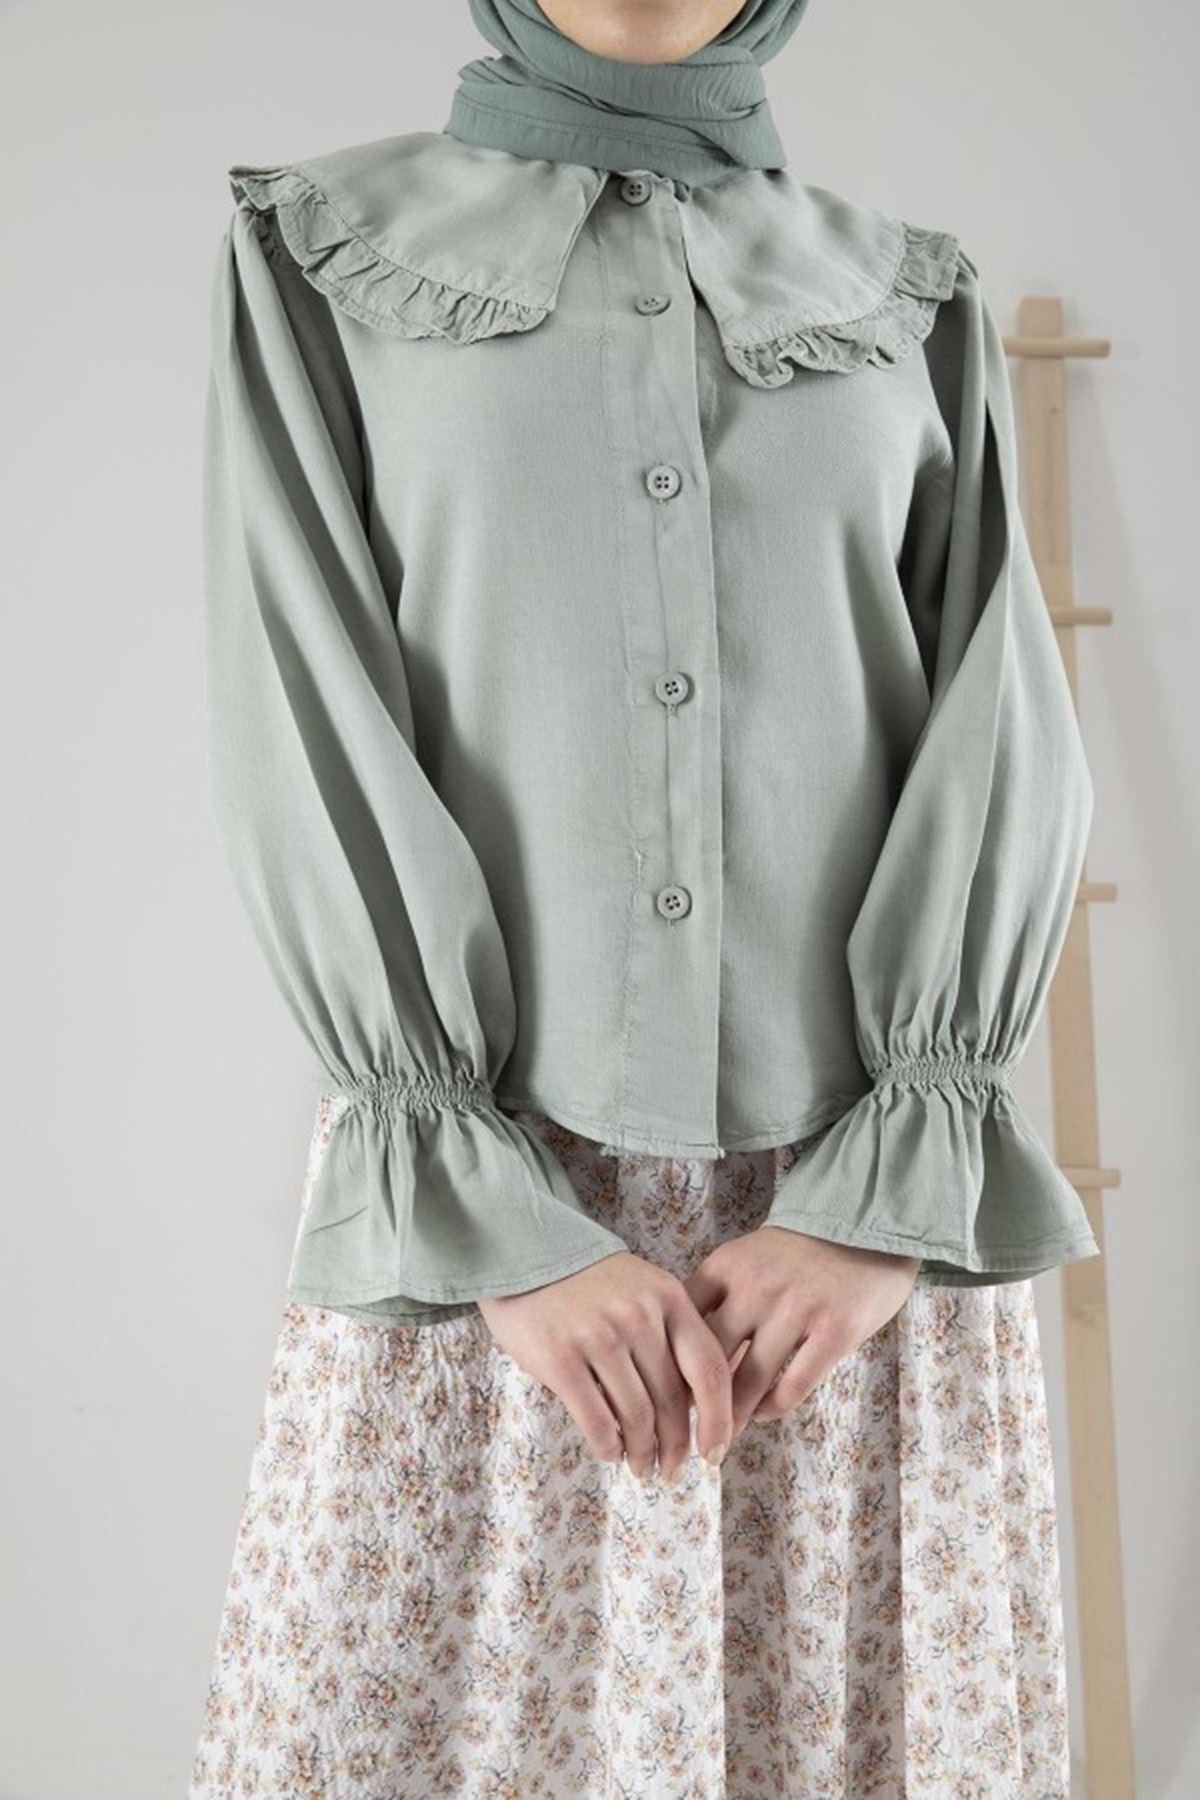 Kadın Bebe Yaka Kol Büzgülü Tensel Bluz - Çağla